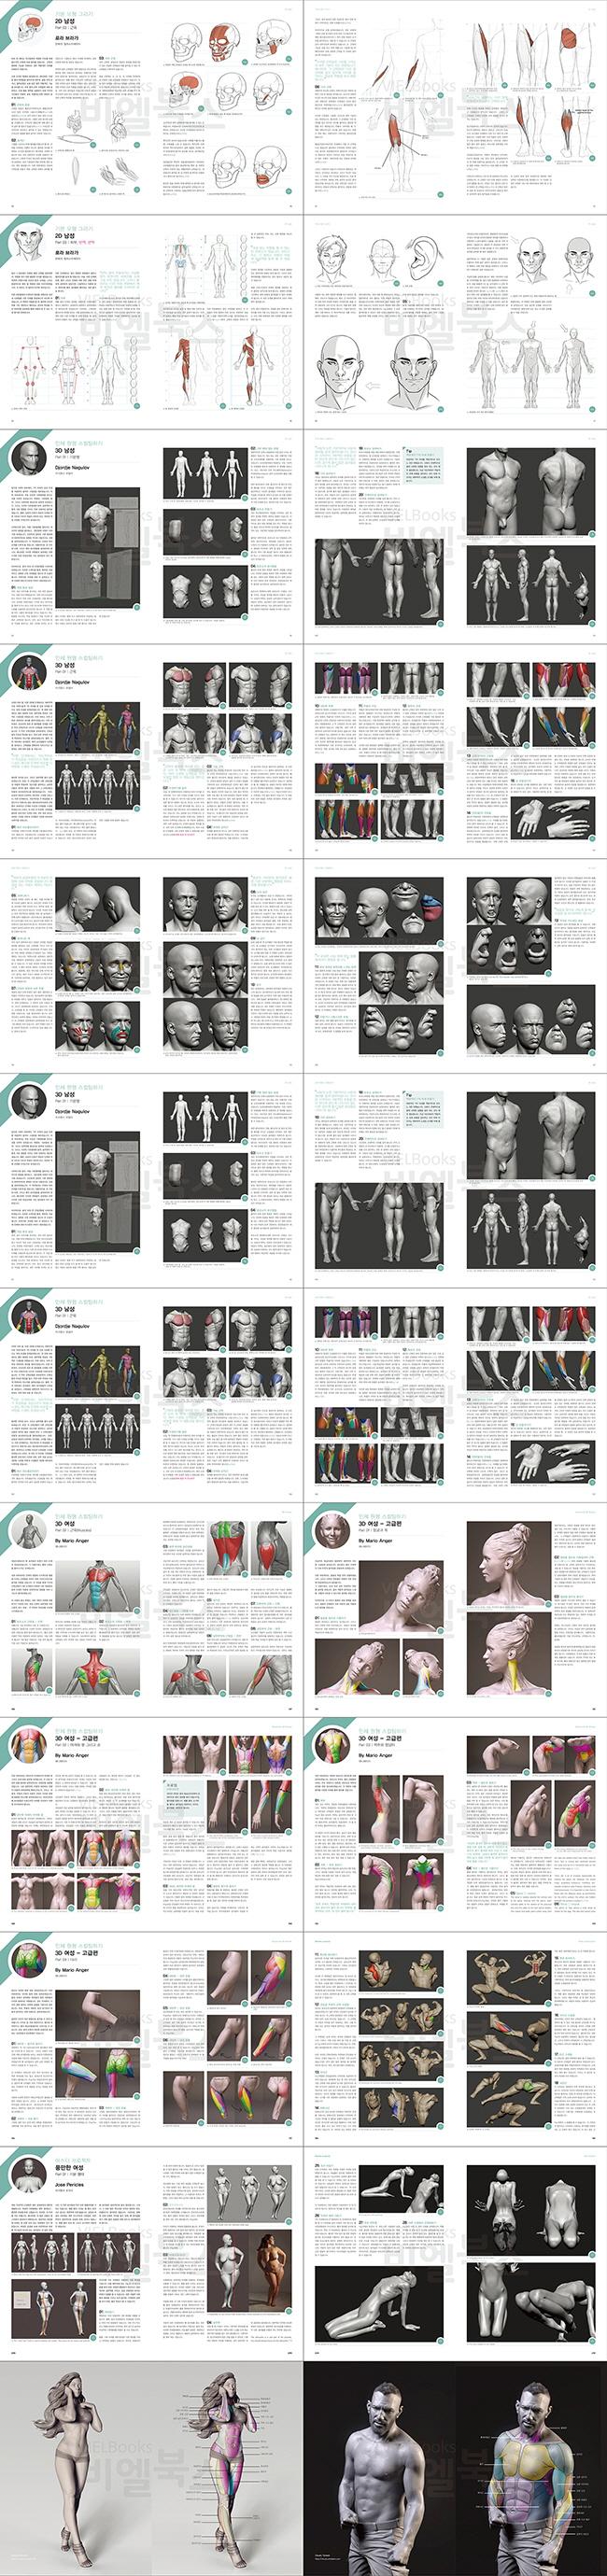 3D 캐릭터모델링의 정석(해부학 구조로 알아보는)(개정판) 도서 상세이미지